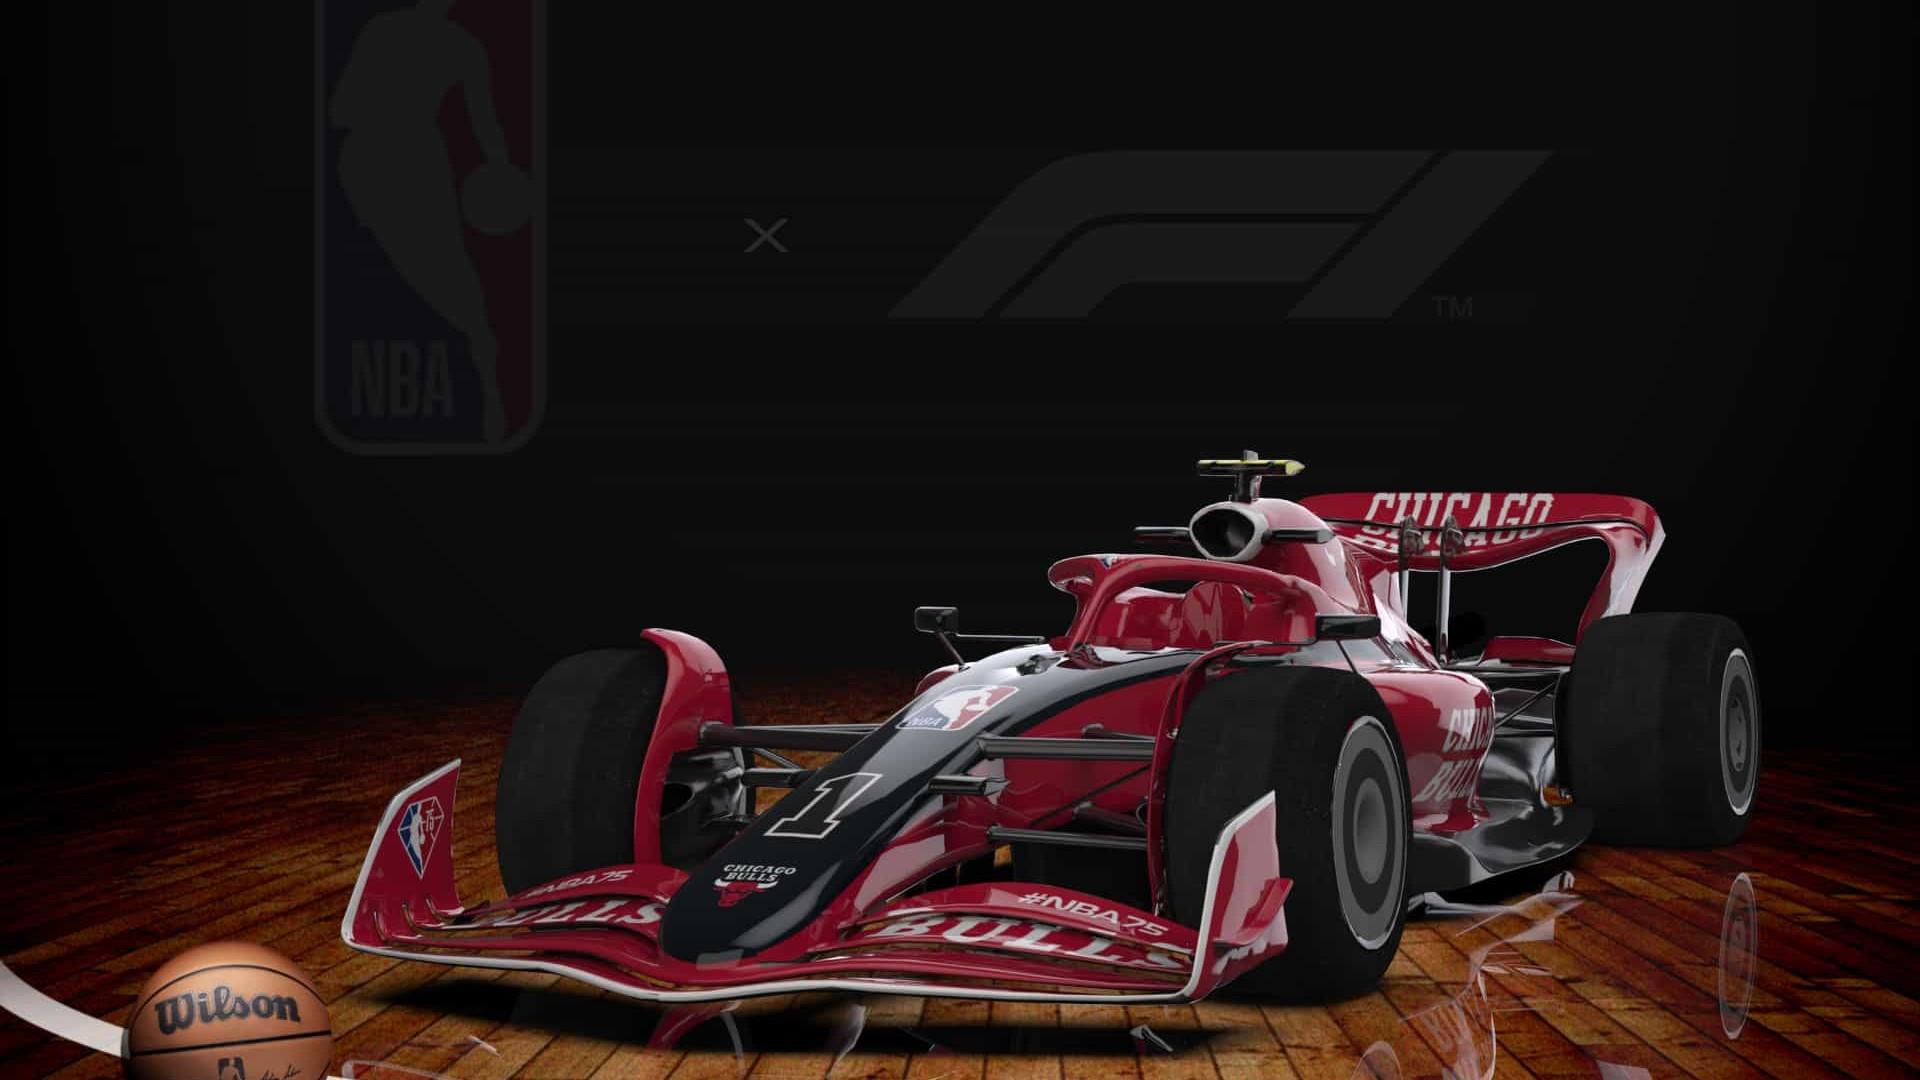 Se as equipas da NBA tivessem um carro de Fórmula 1, eles eram assim